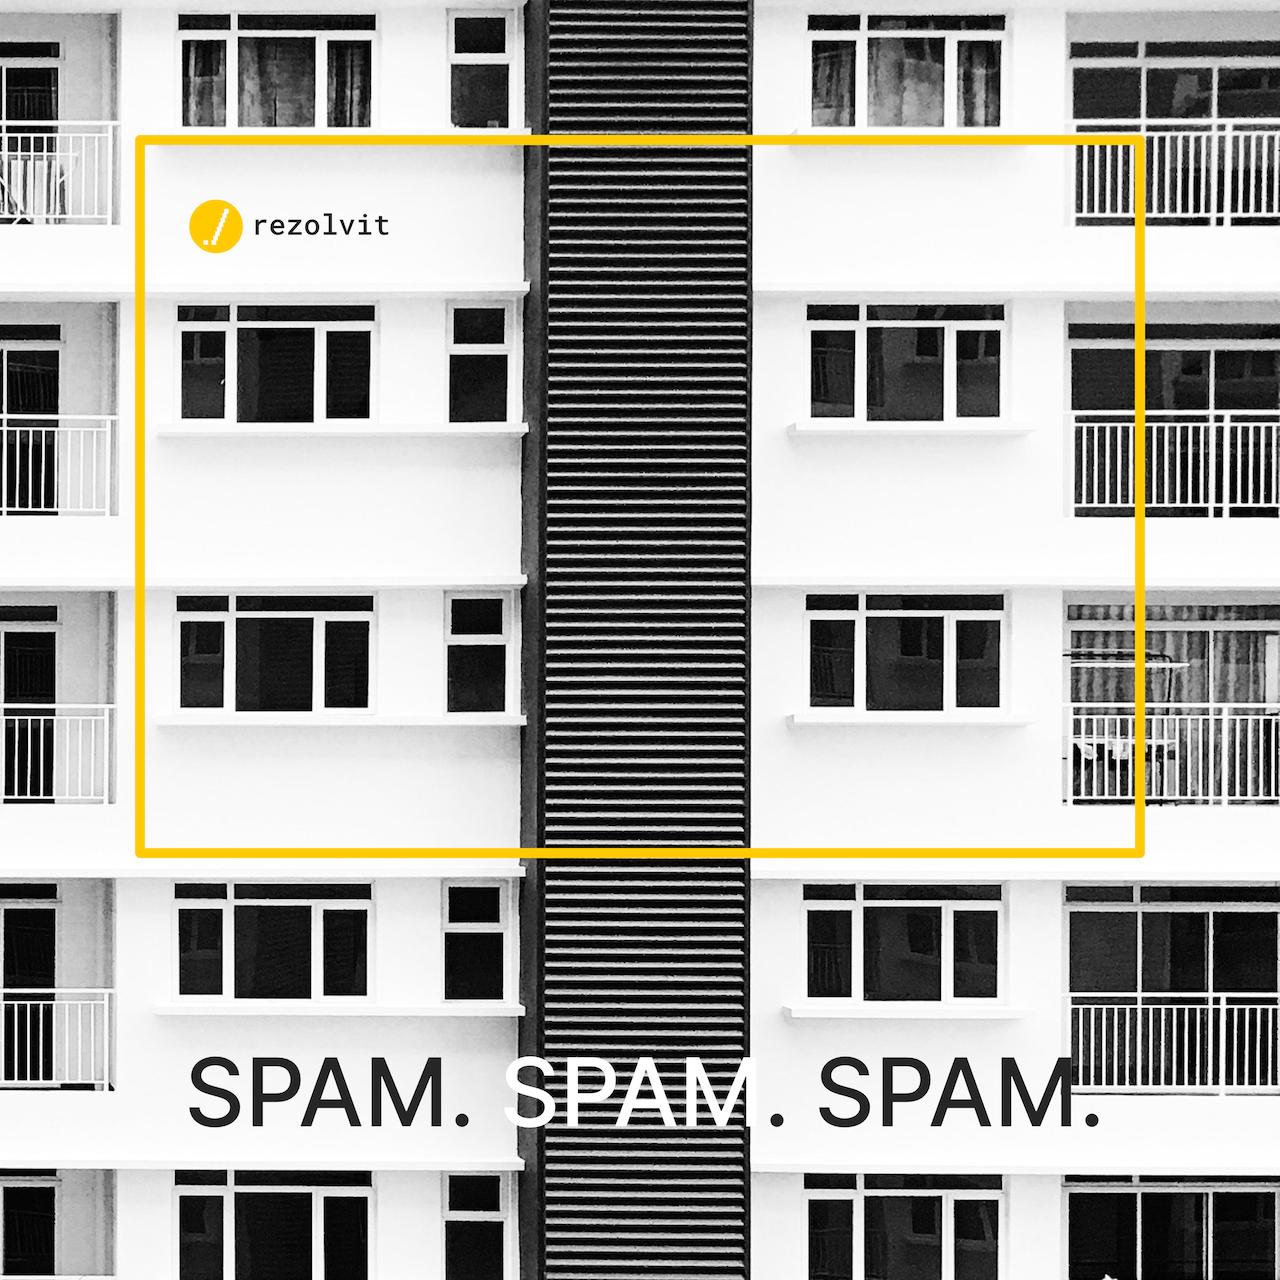 cum identificam spam